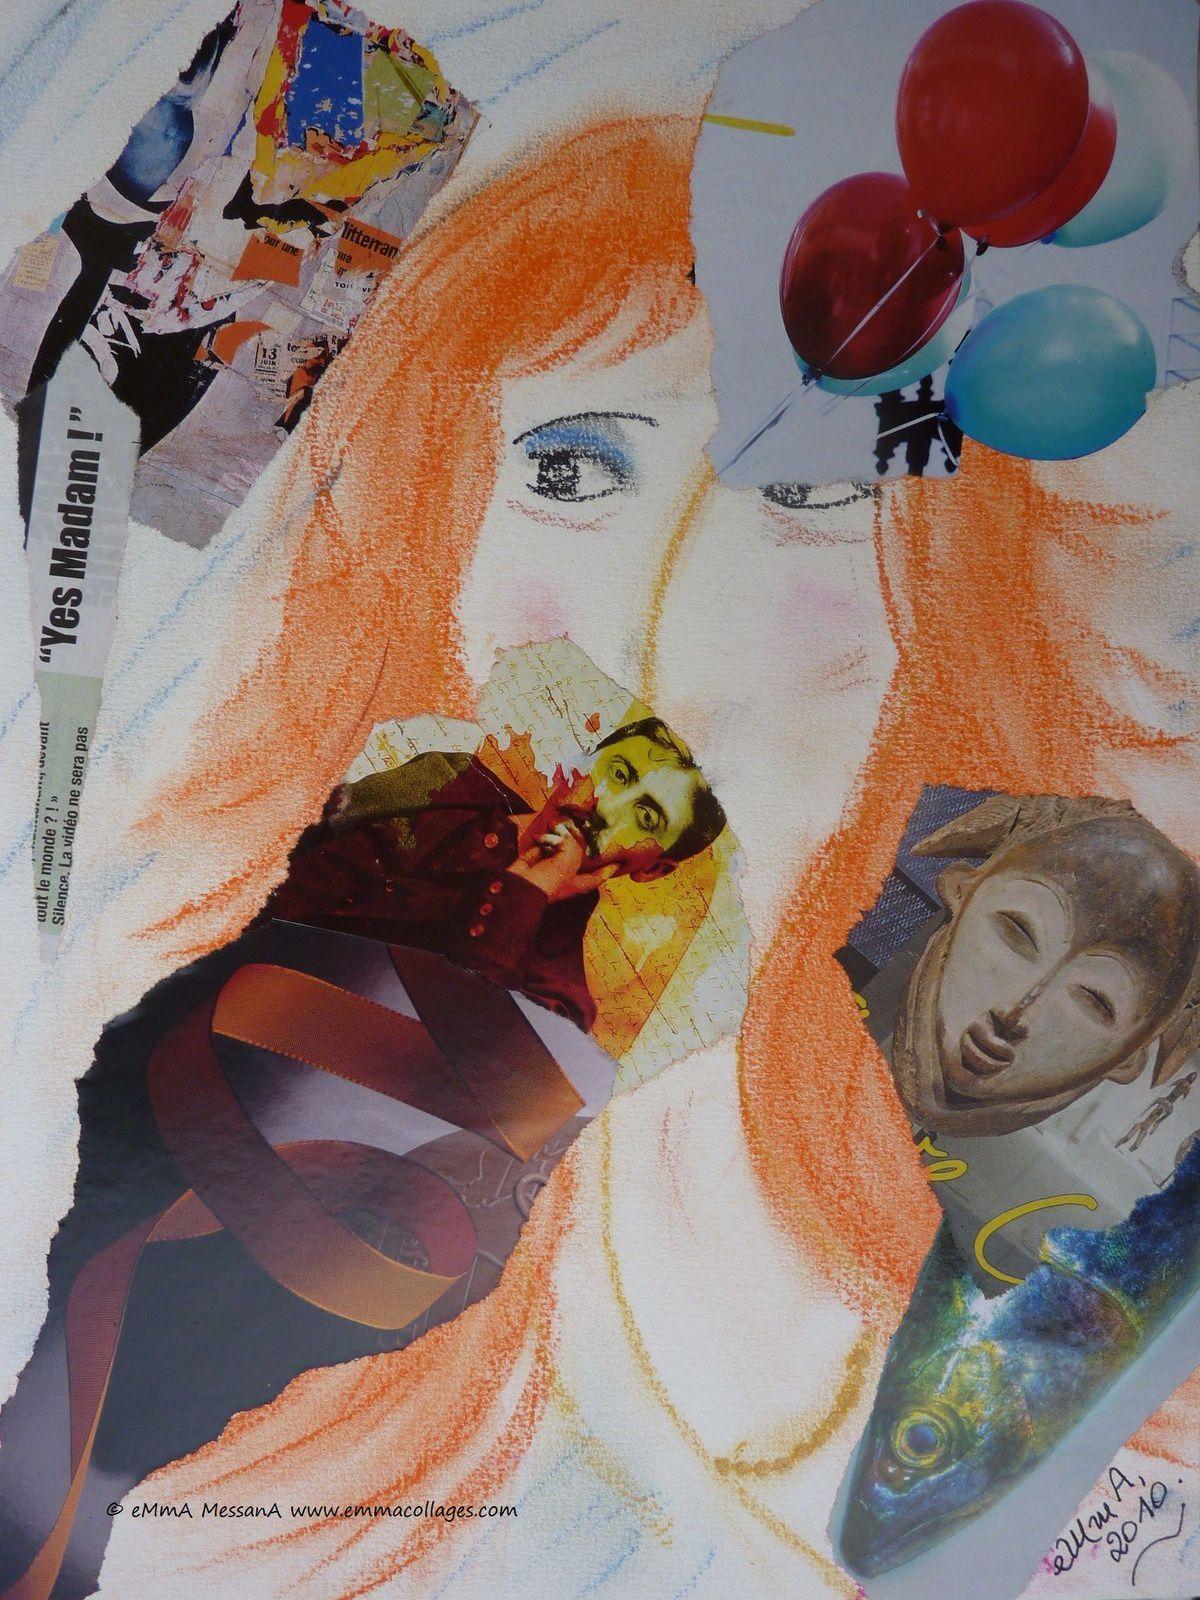 """Les collages d'emmA MessanA, collage """"Du côté de chez Madam !"""", pièce unique"""